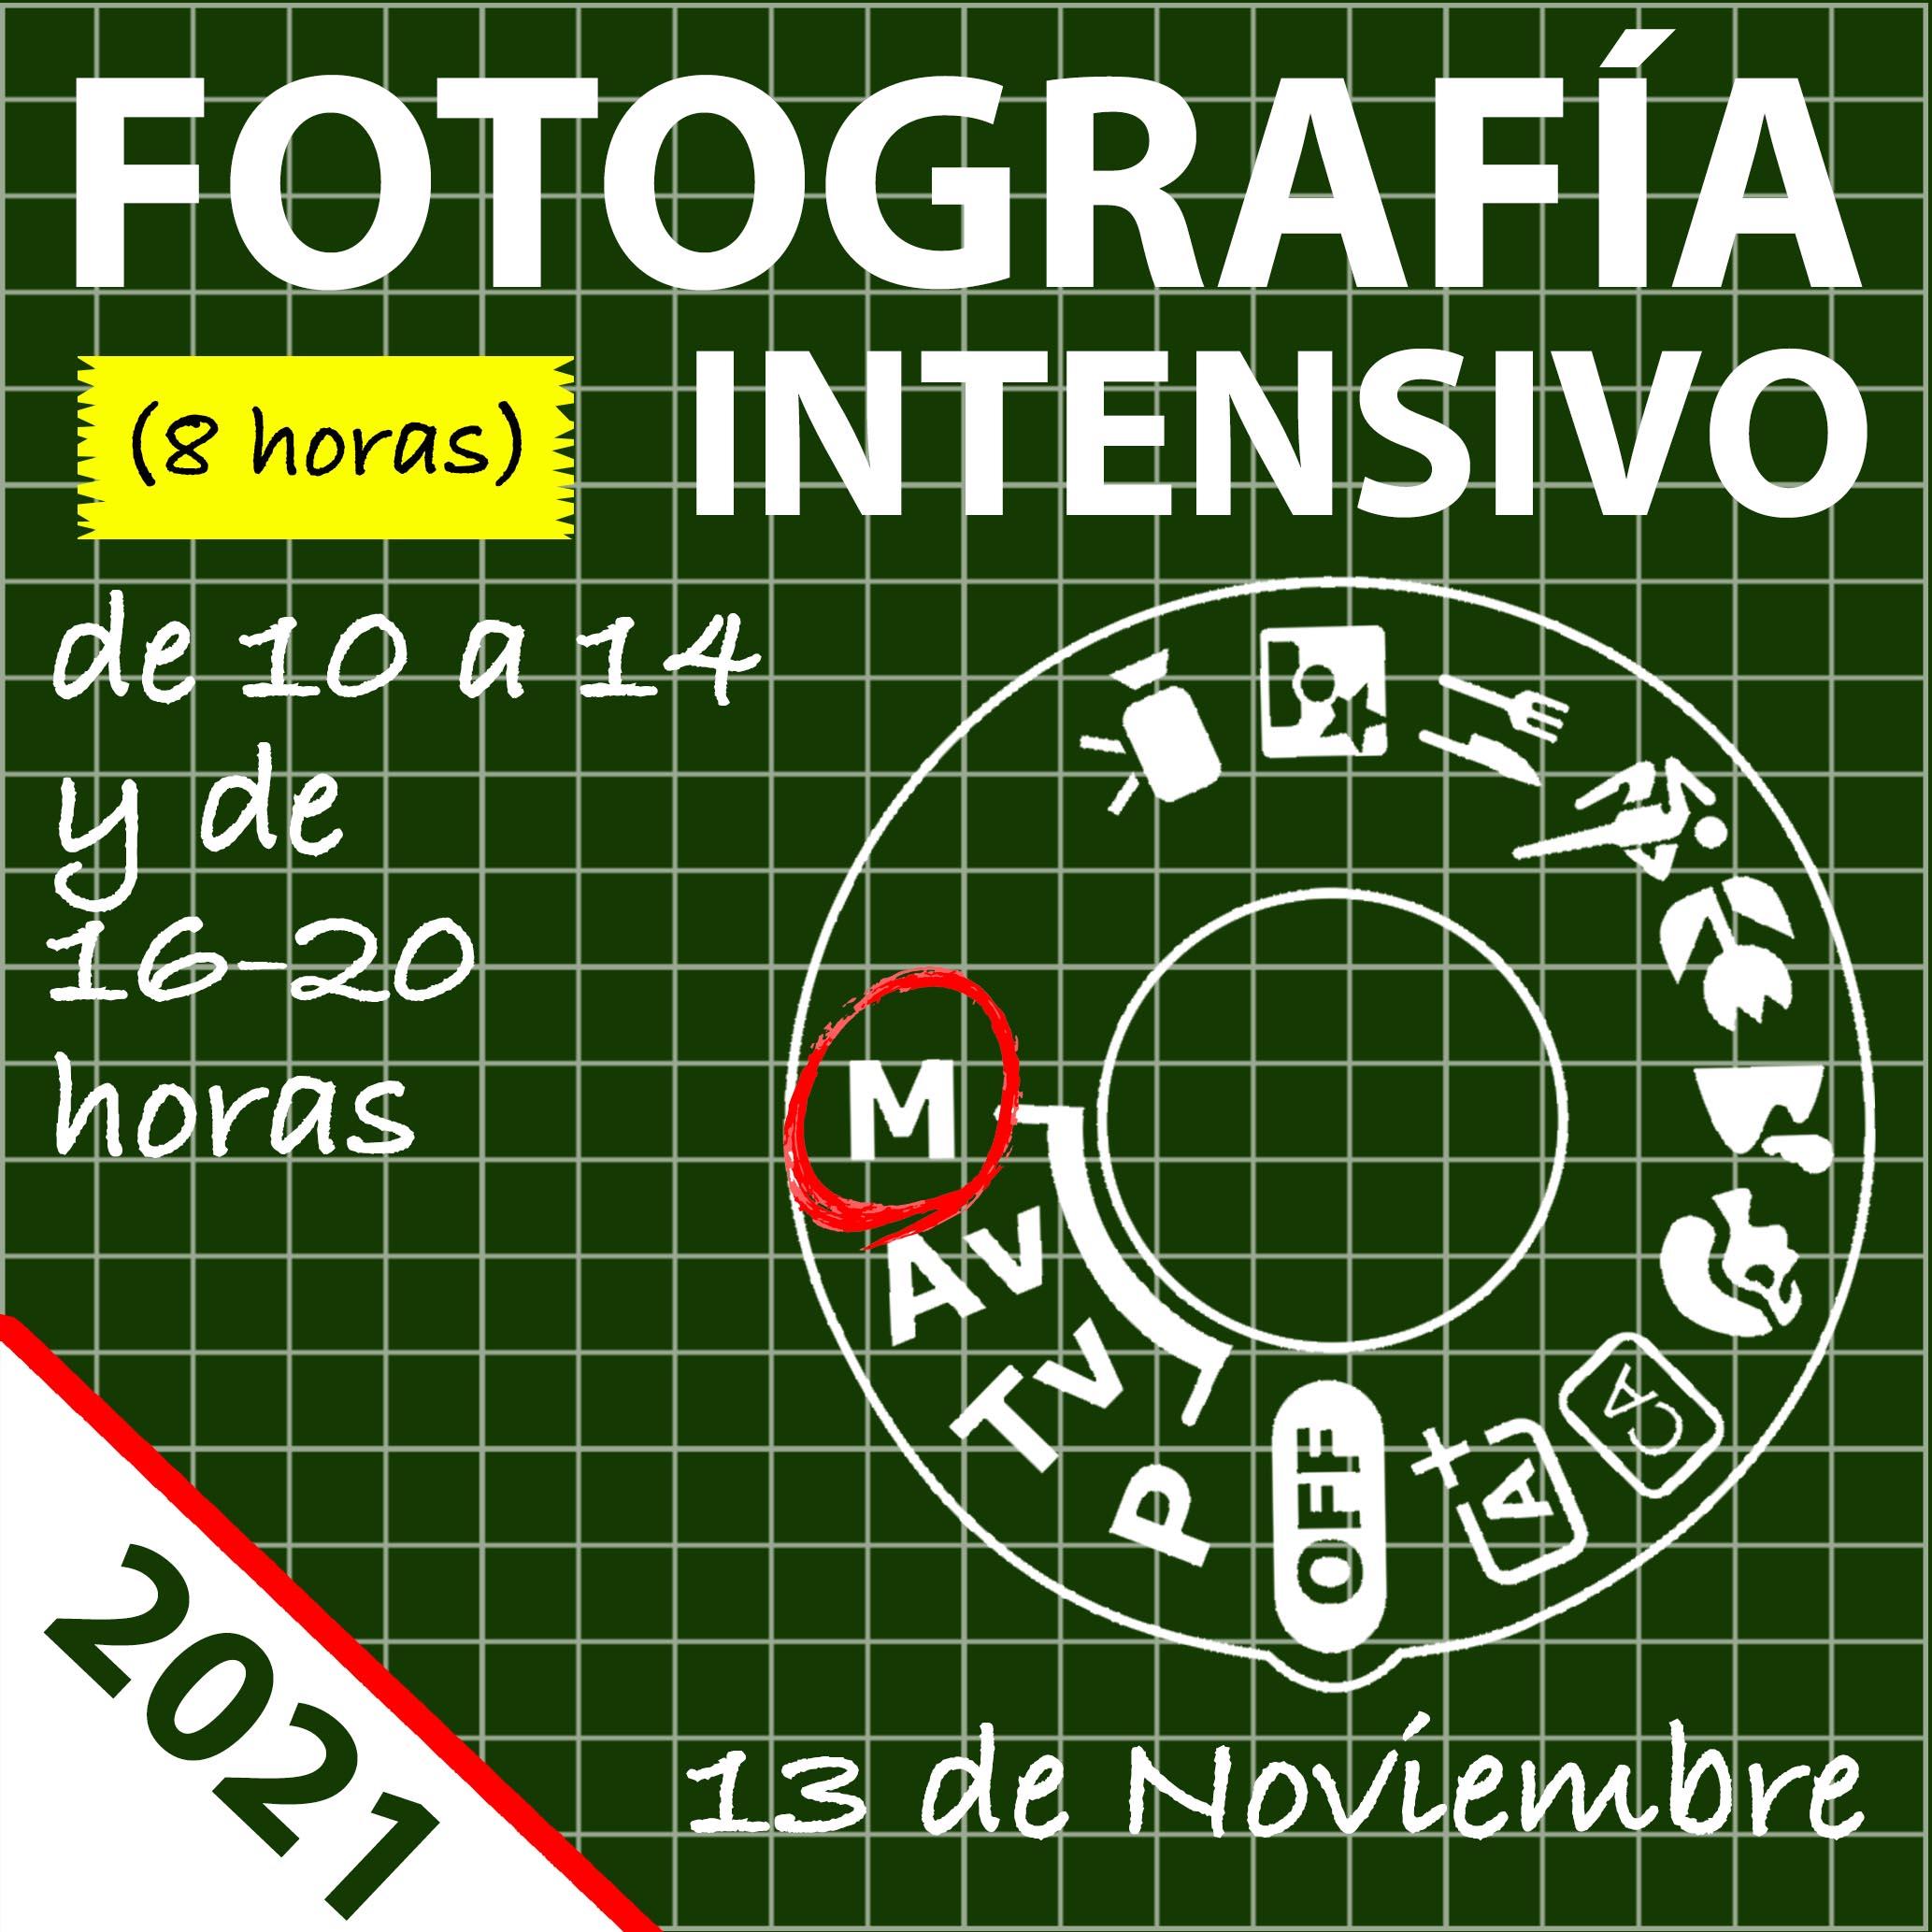 INTENSIVO-4t-n.jpg